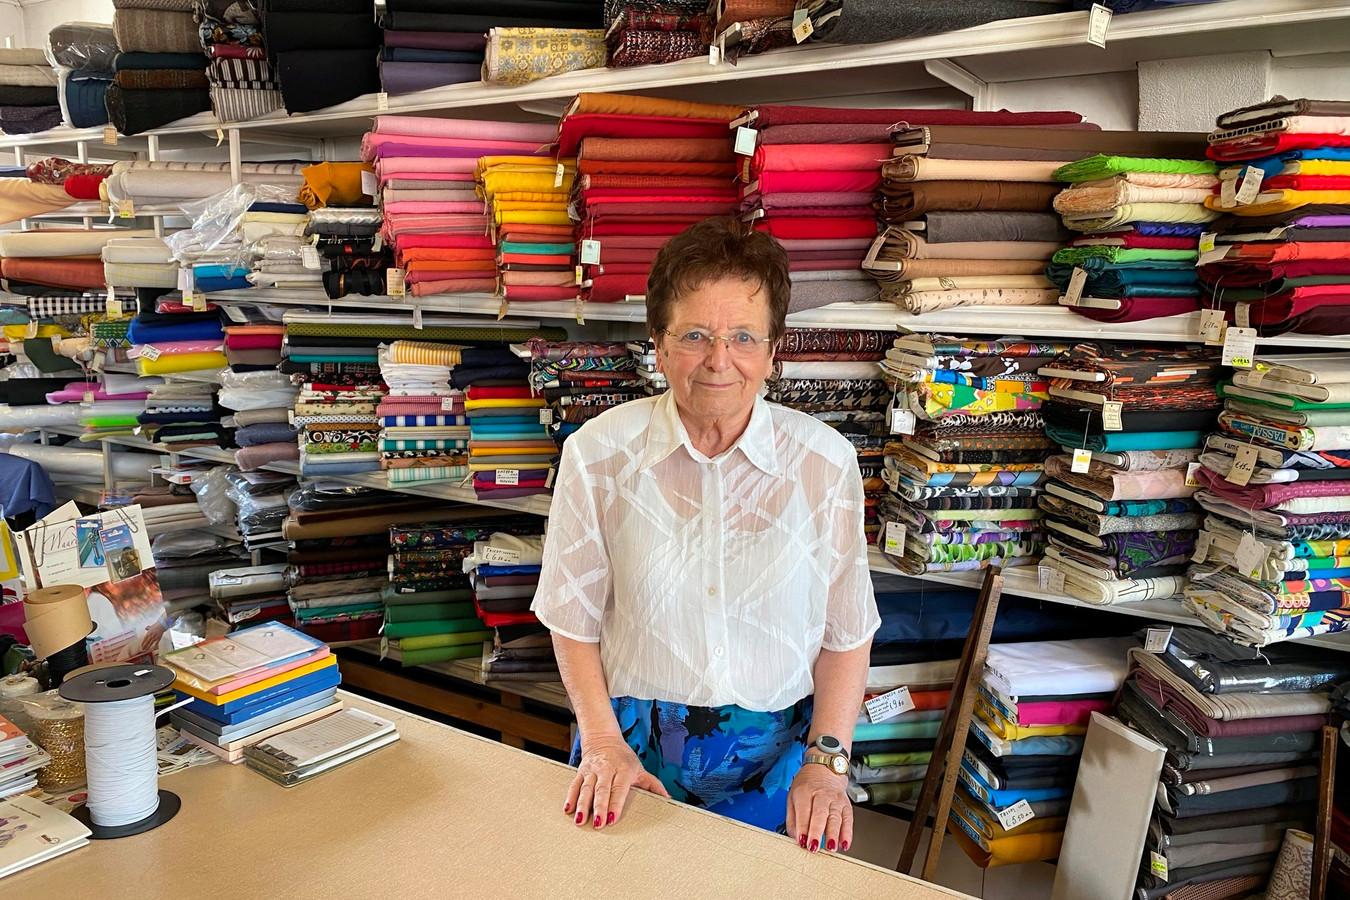 Lena Goeman (86) van modewinkel Goeman houdt uitverkoop alvorens te verhuizen naar een assistentieflat.